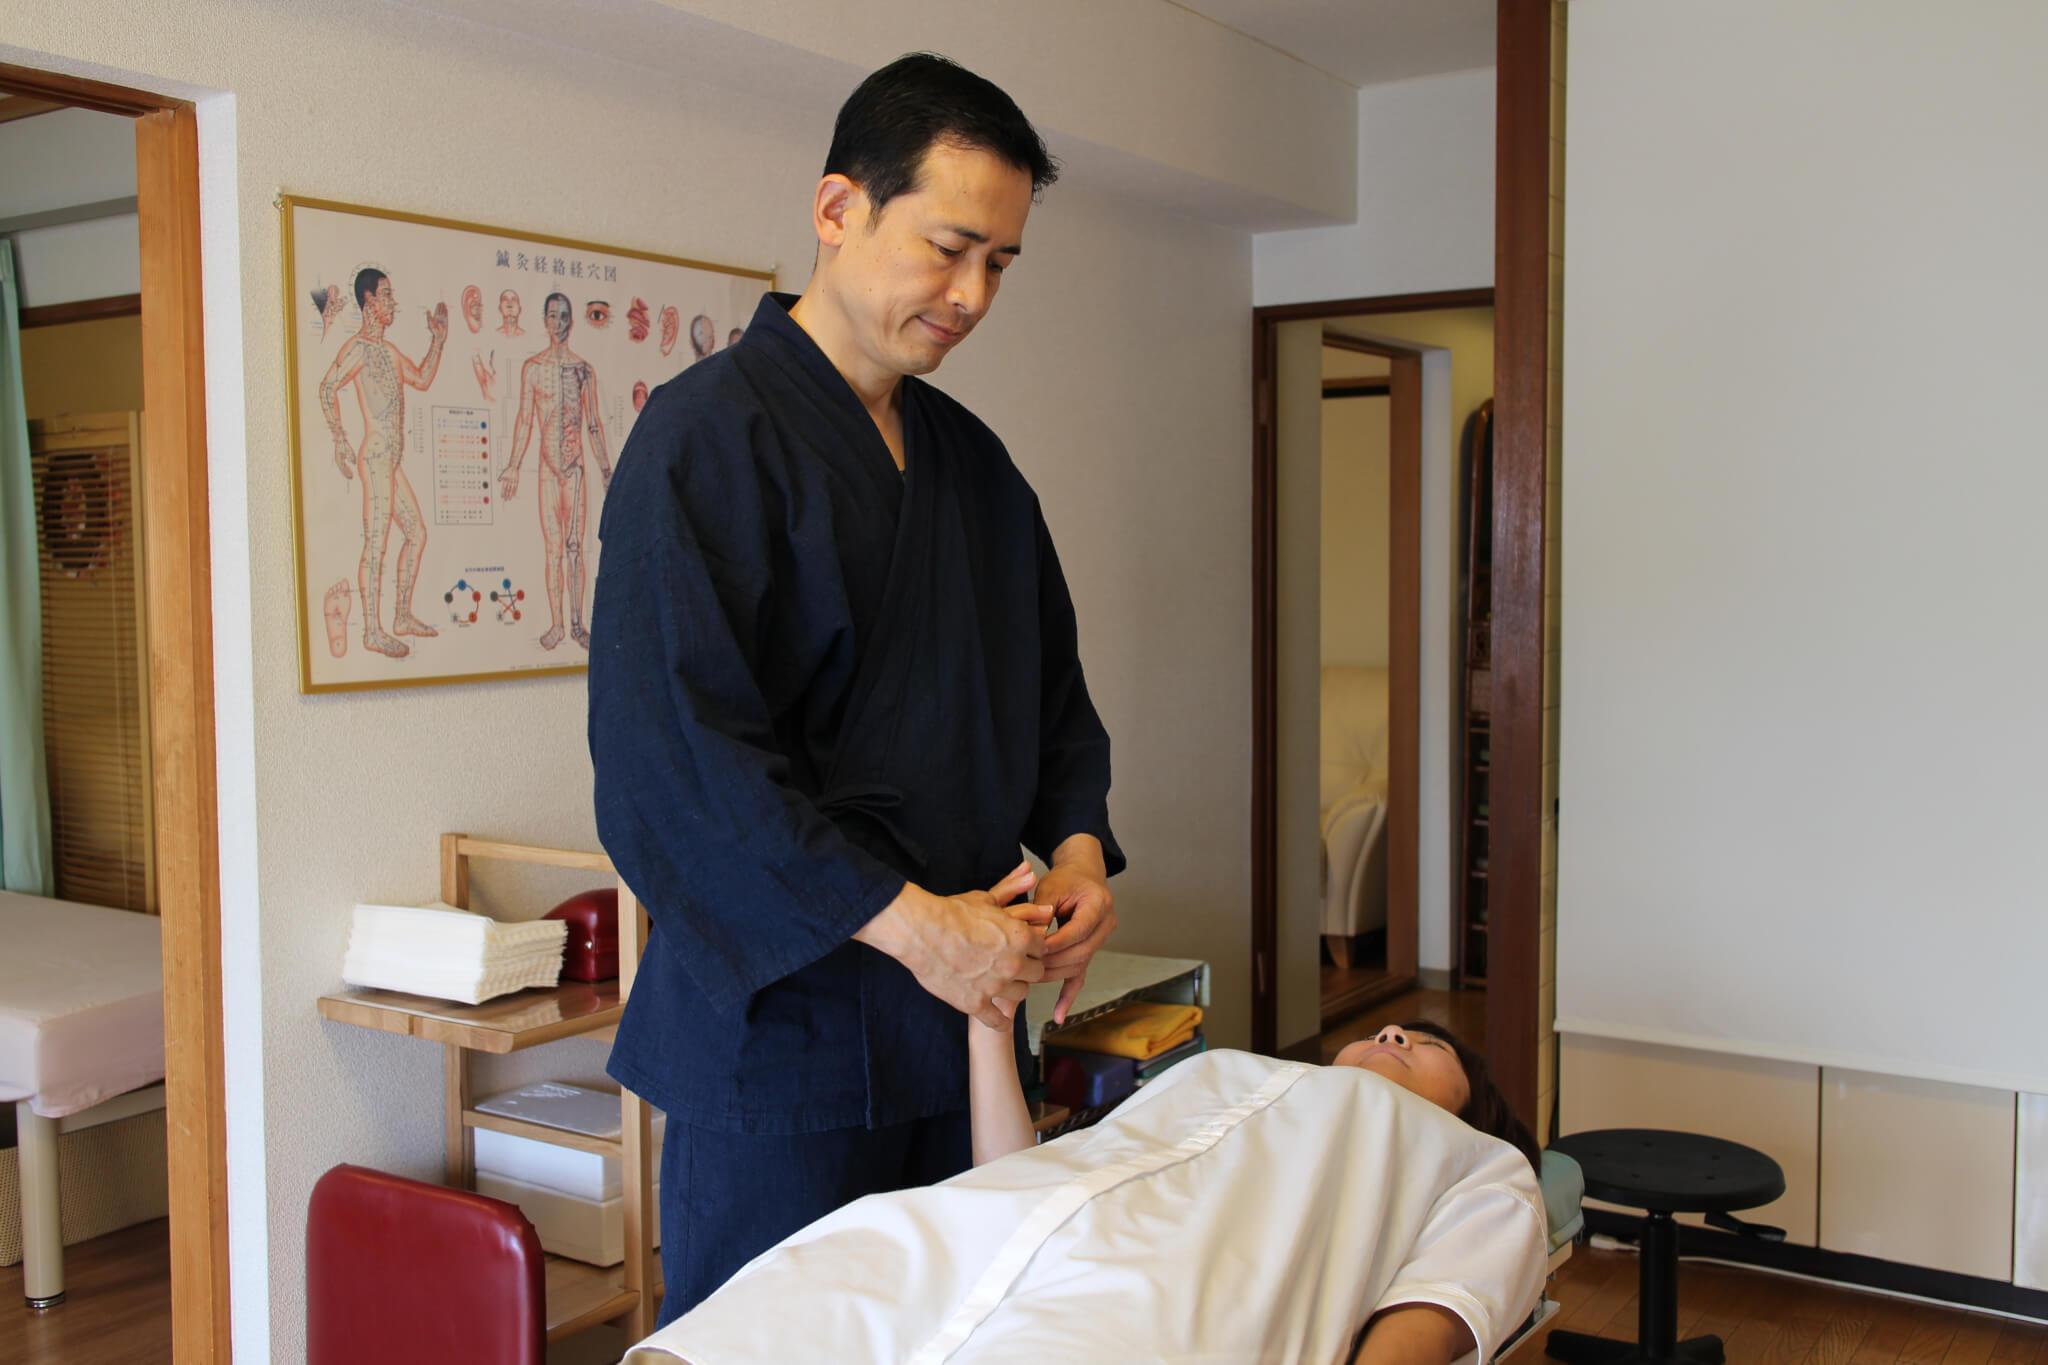 札幌整体治療院 谷井治療室 キネシオロジーテスト画像